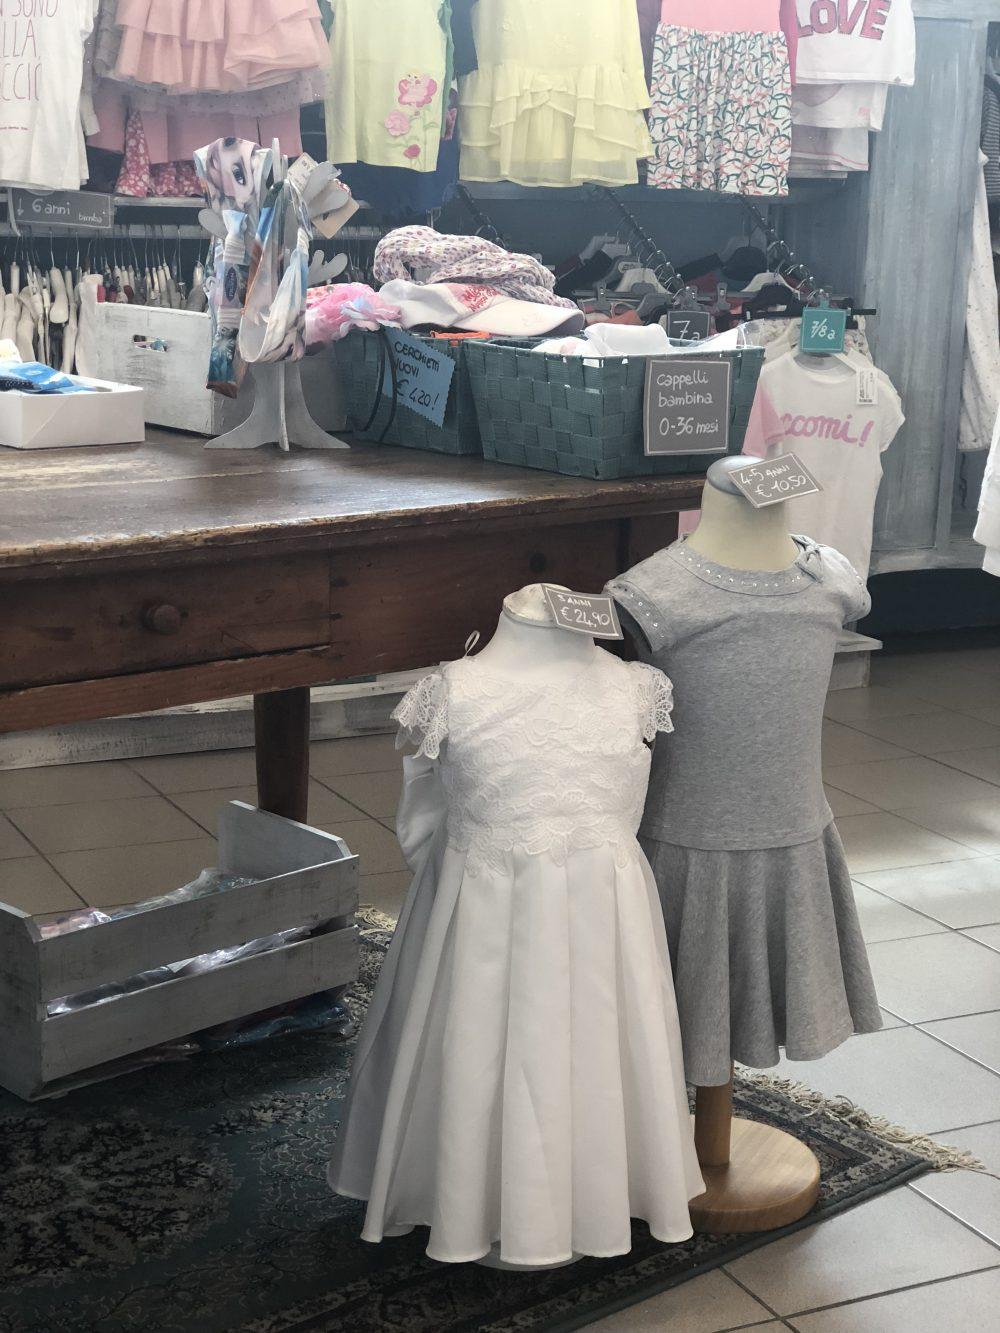 Baby bazar vendere e comprare usato per bambini babygreen for Vestiti usati in regalo